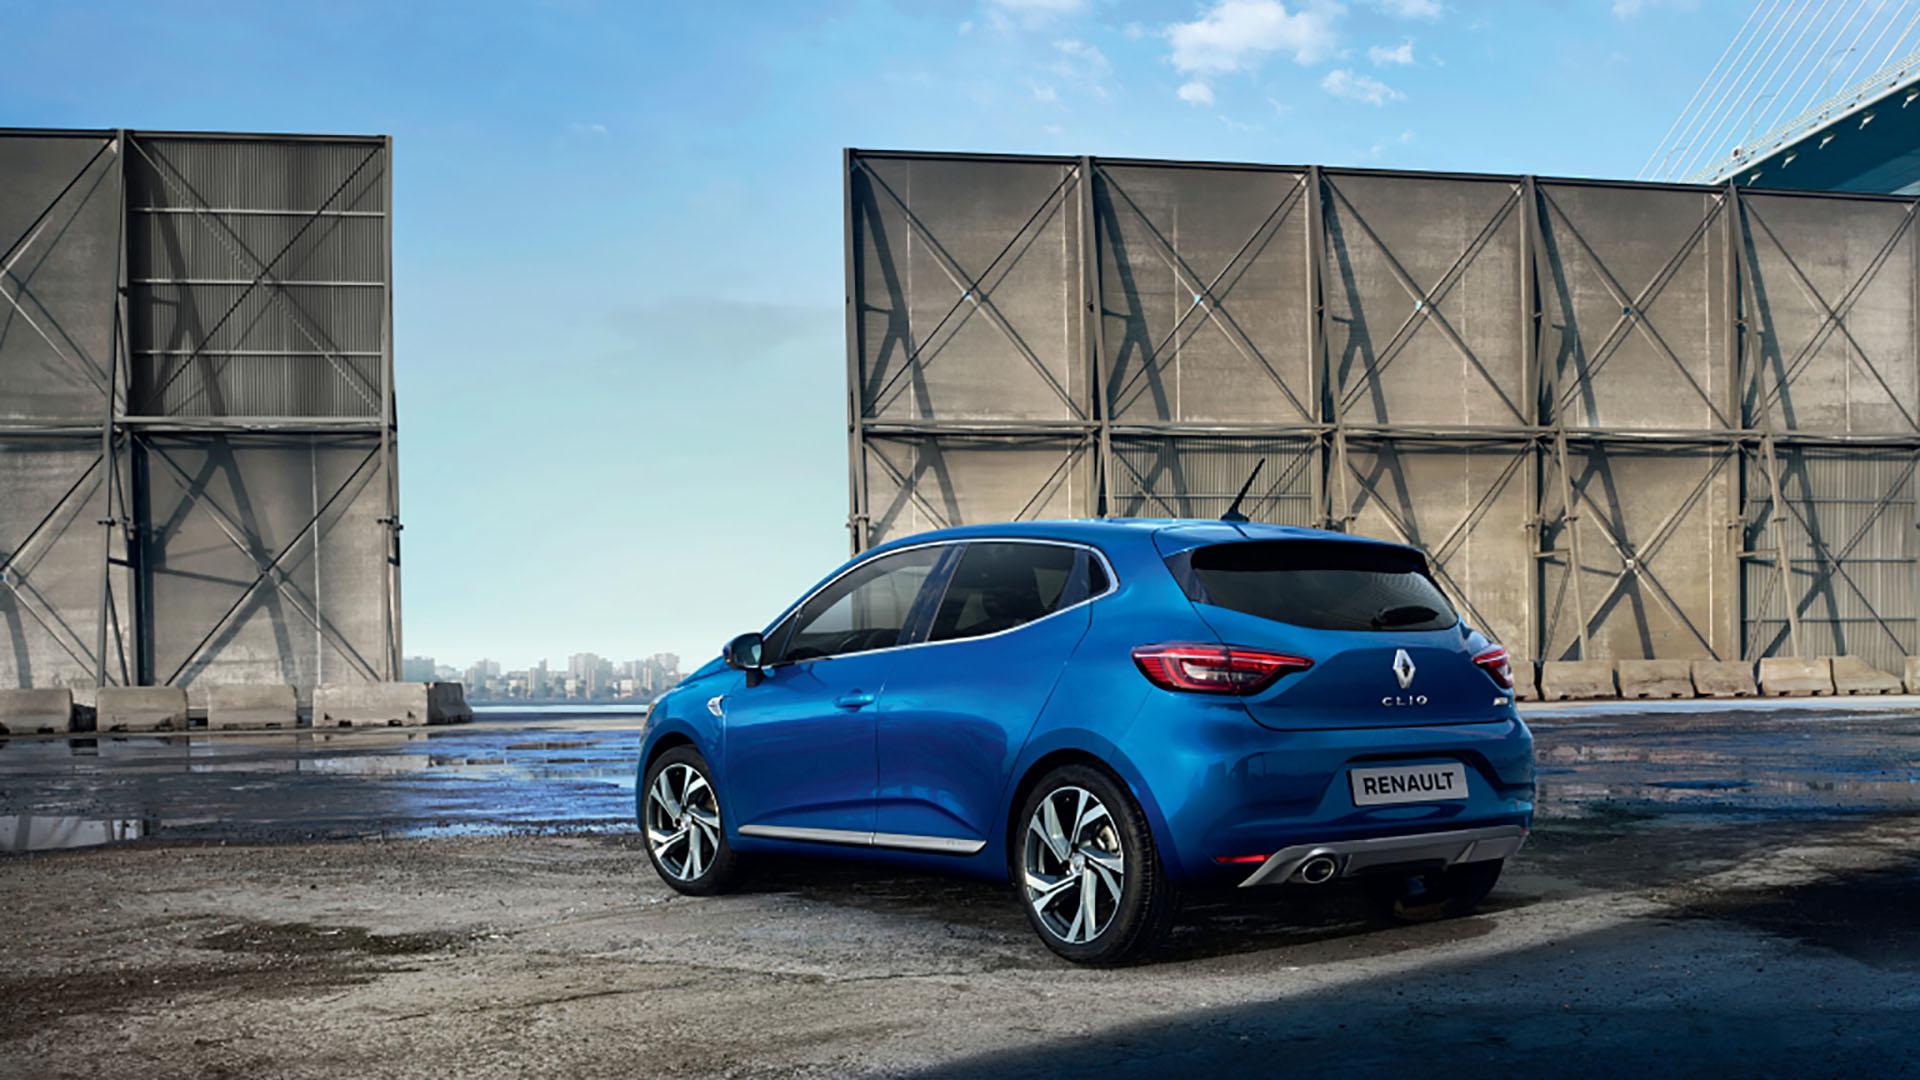 Renault Clio, el modelo tendrá una versión híbrida no enchufable.